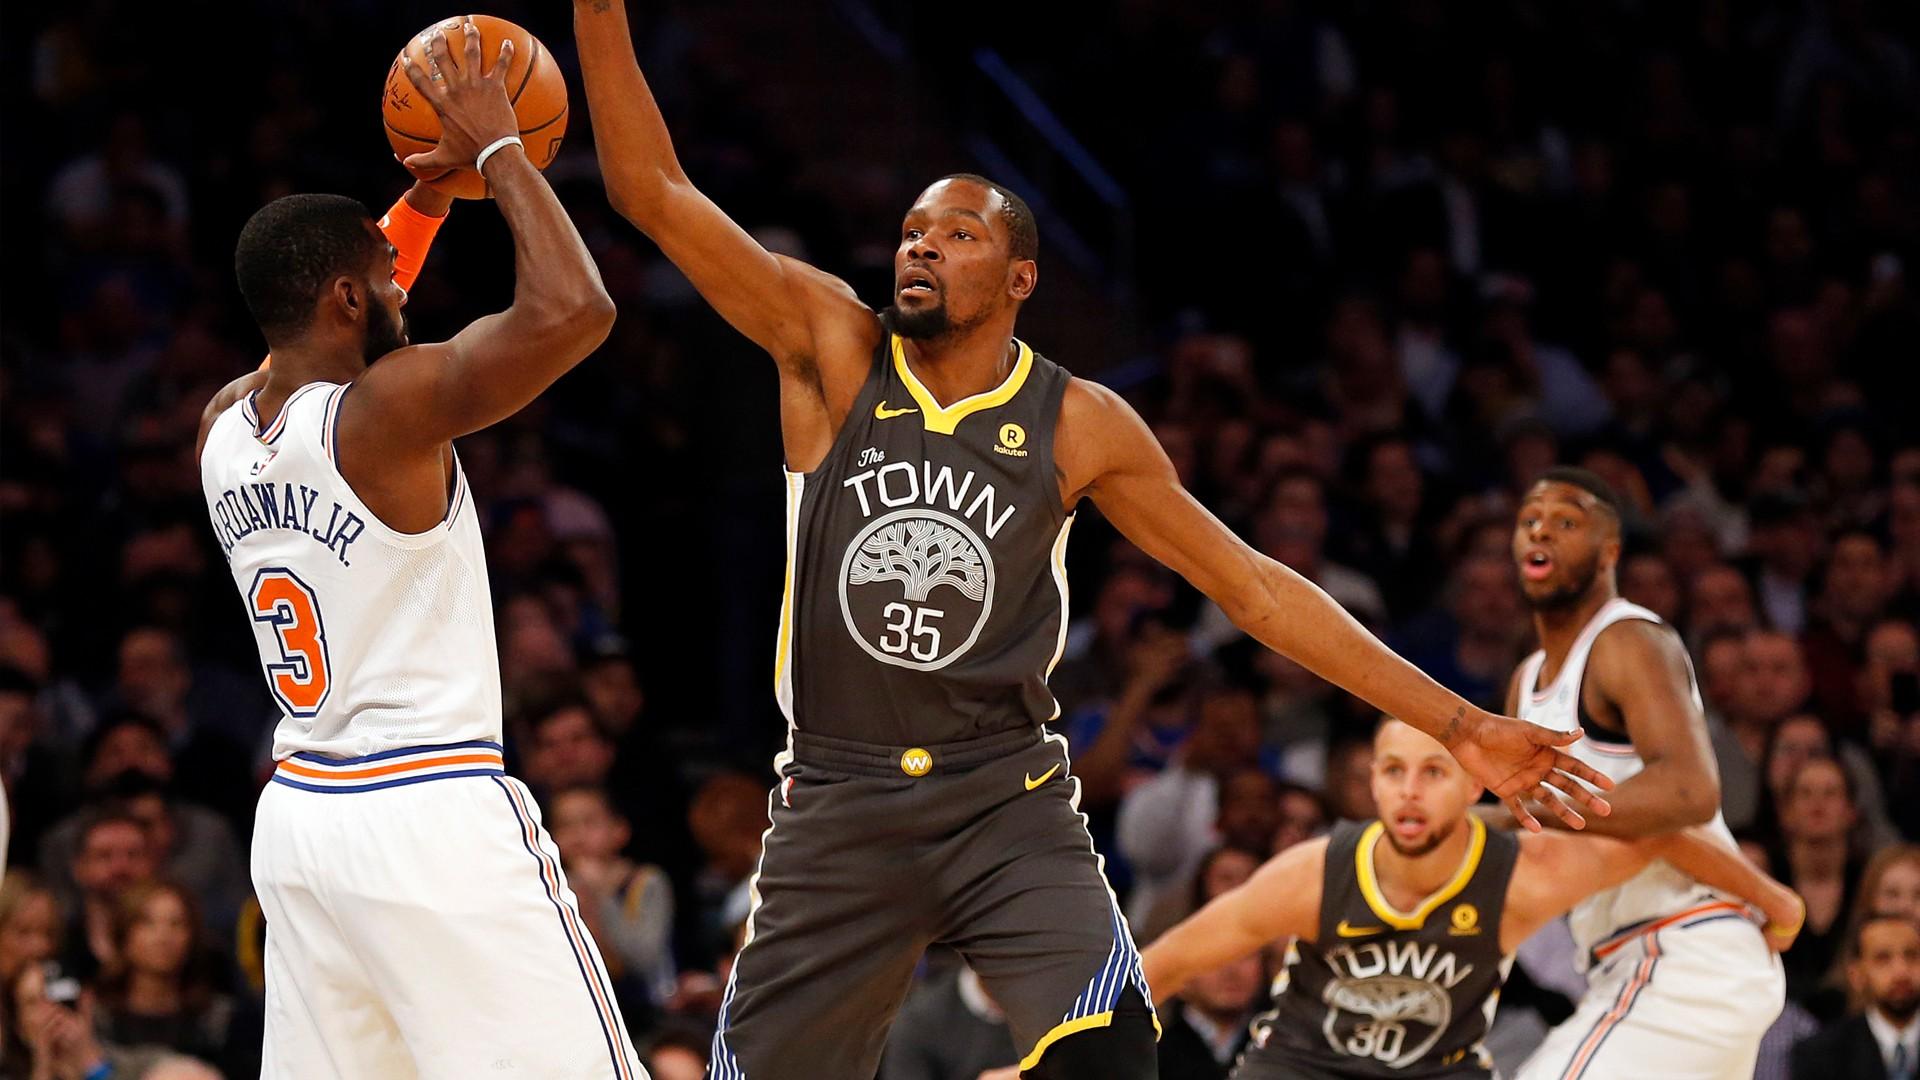 Trong lúc Golden State Warriors thăng hoa, Kevin Durant lại phát ngôn khiến Dub Nation hoang mang tột độ - Ảnh 3.